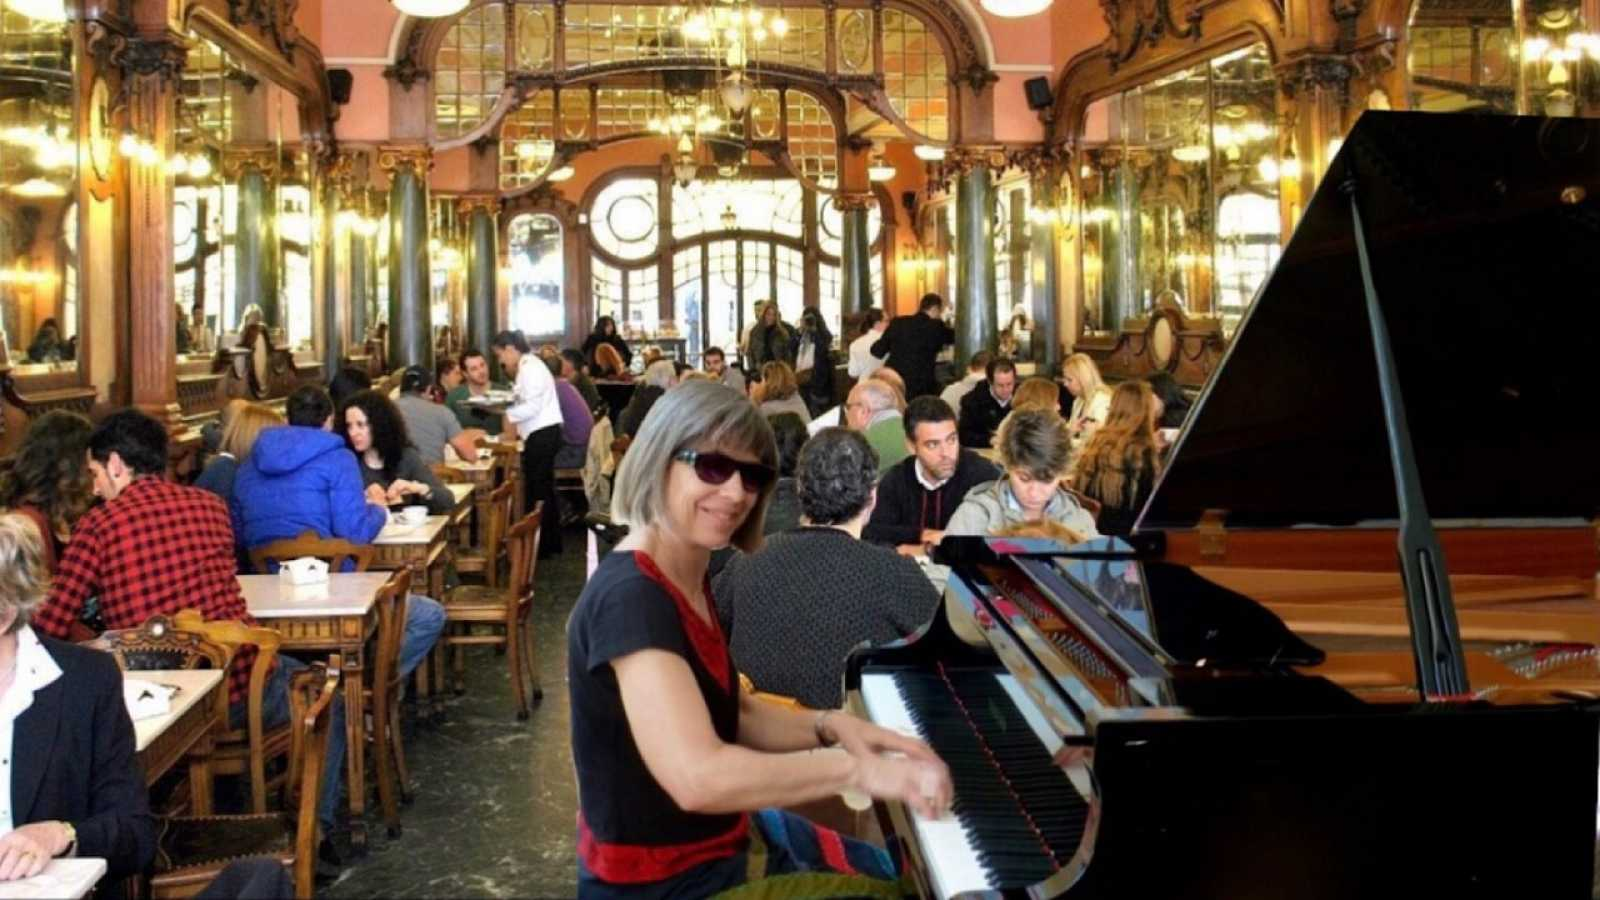 Entre dos luces - Música de salón, con Menchu Mendizábal - 28/04/21 - escuchar ahora